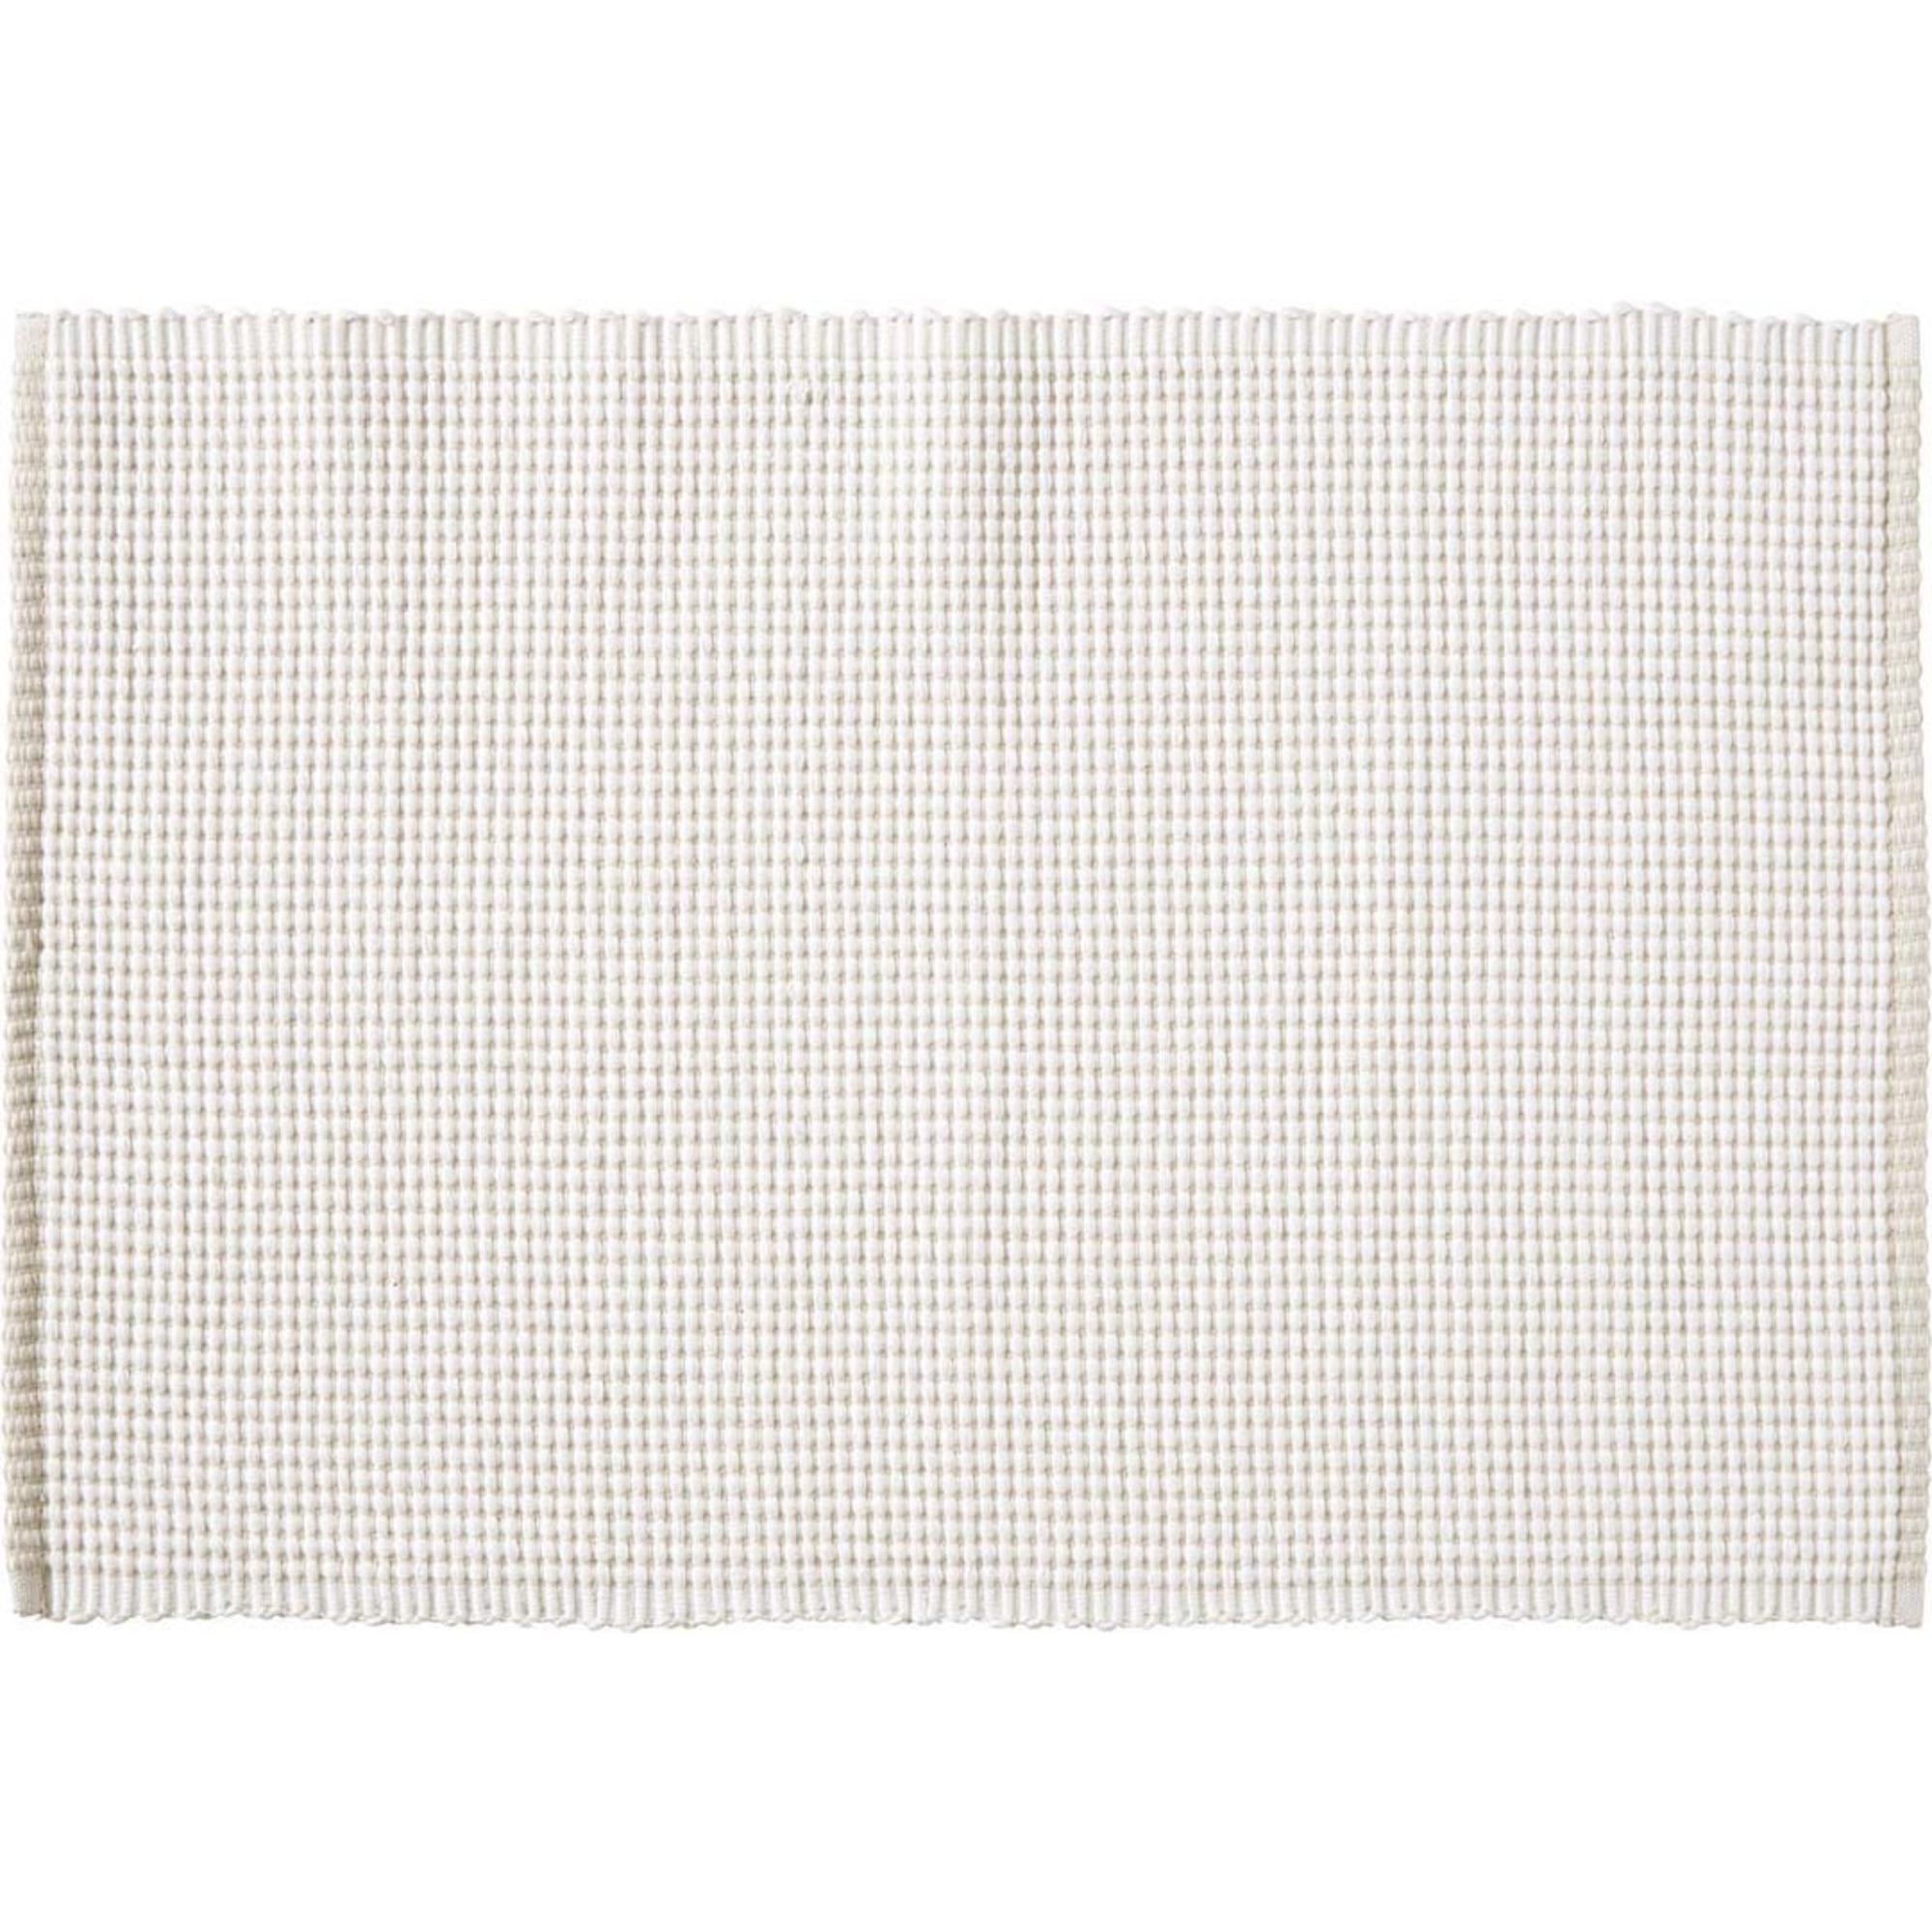 Södahl Bordstablett 33×48 Grain vit